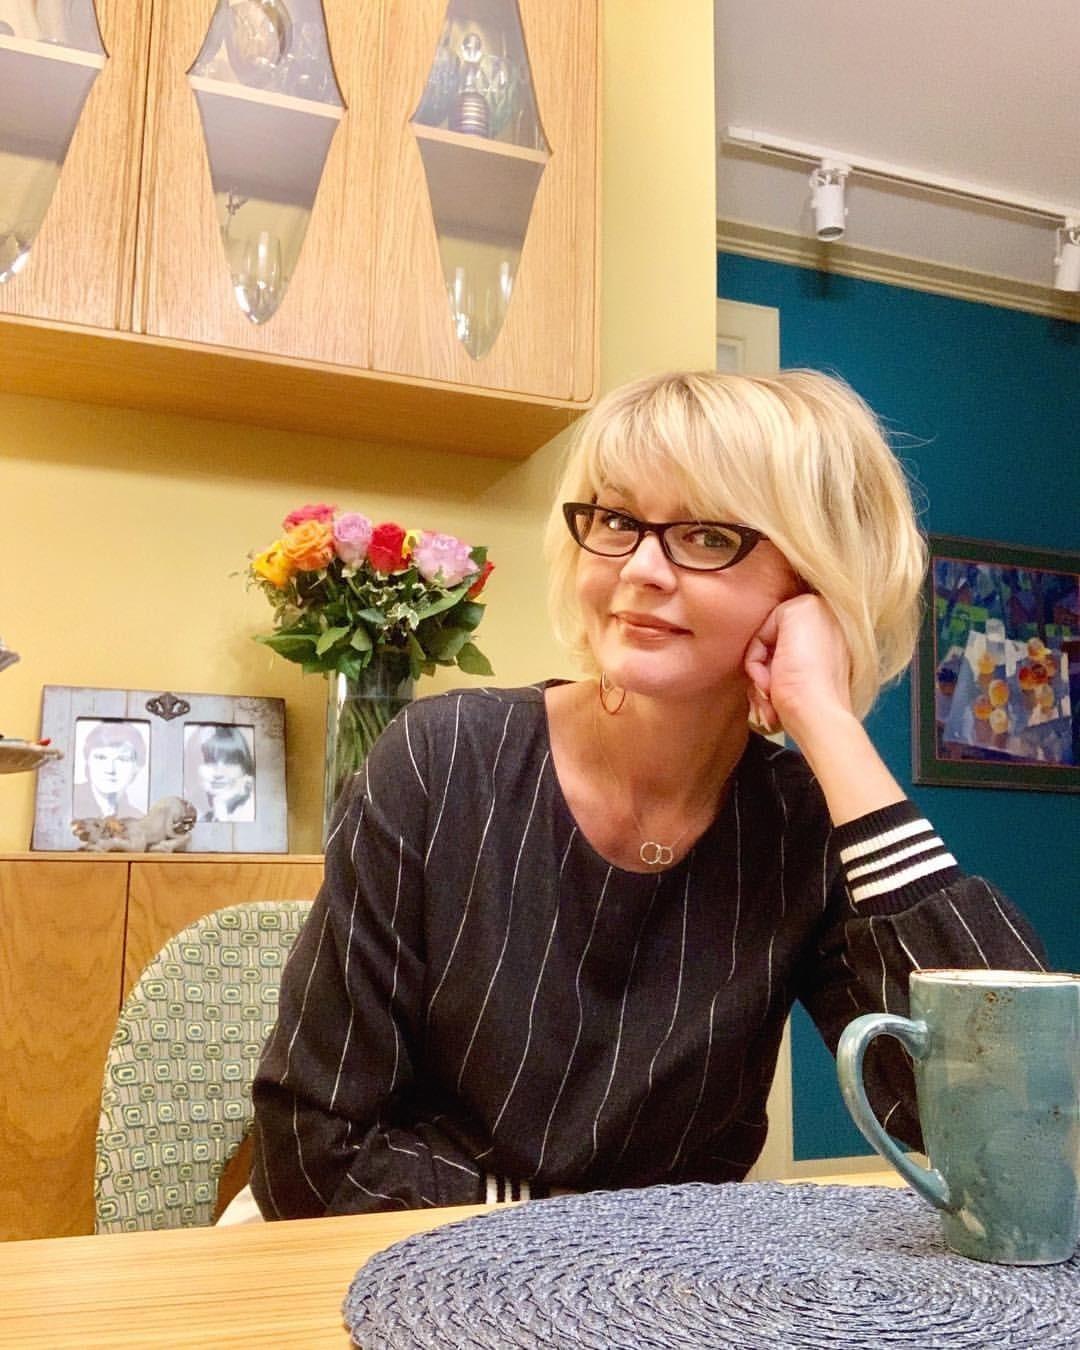 Юлия Меньшова задумалась о профессии трэвел-блогера